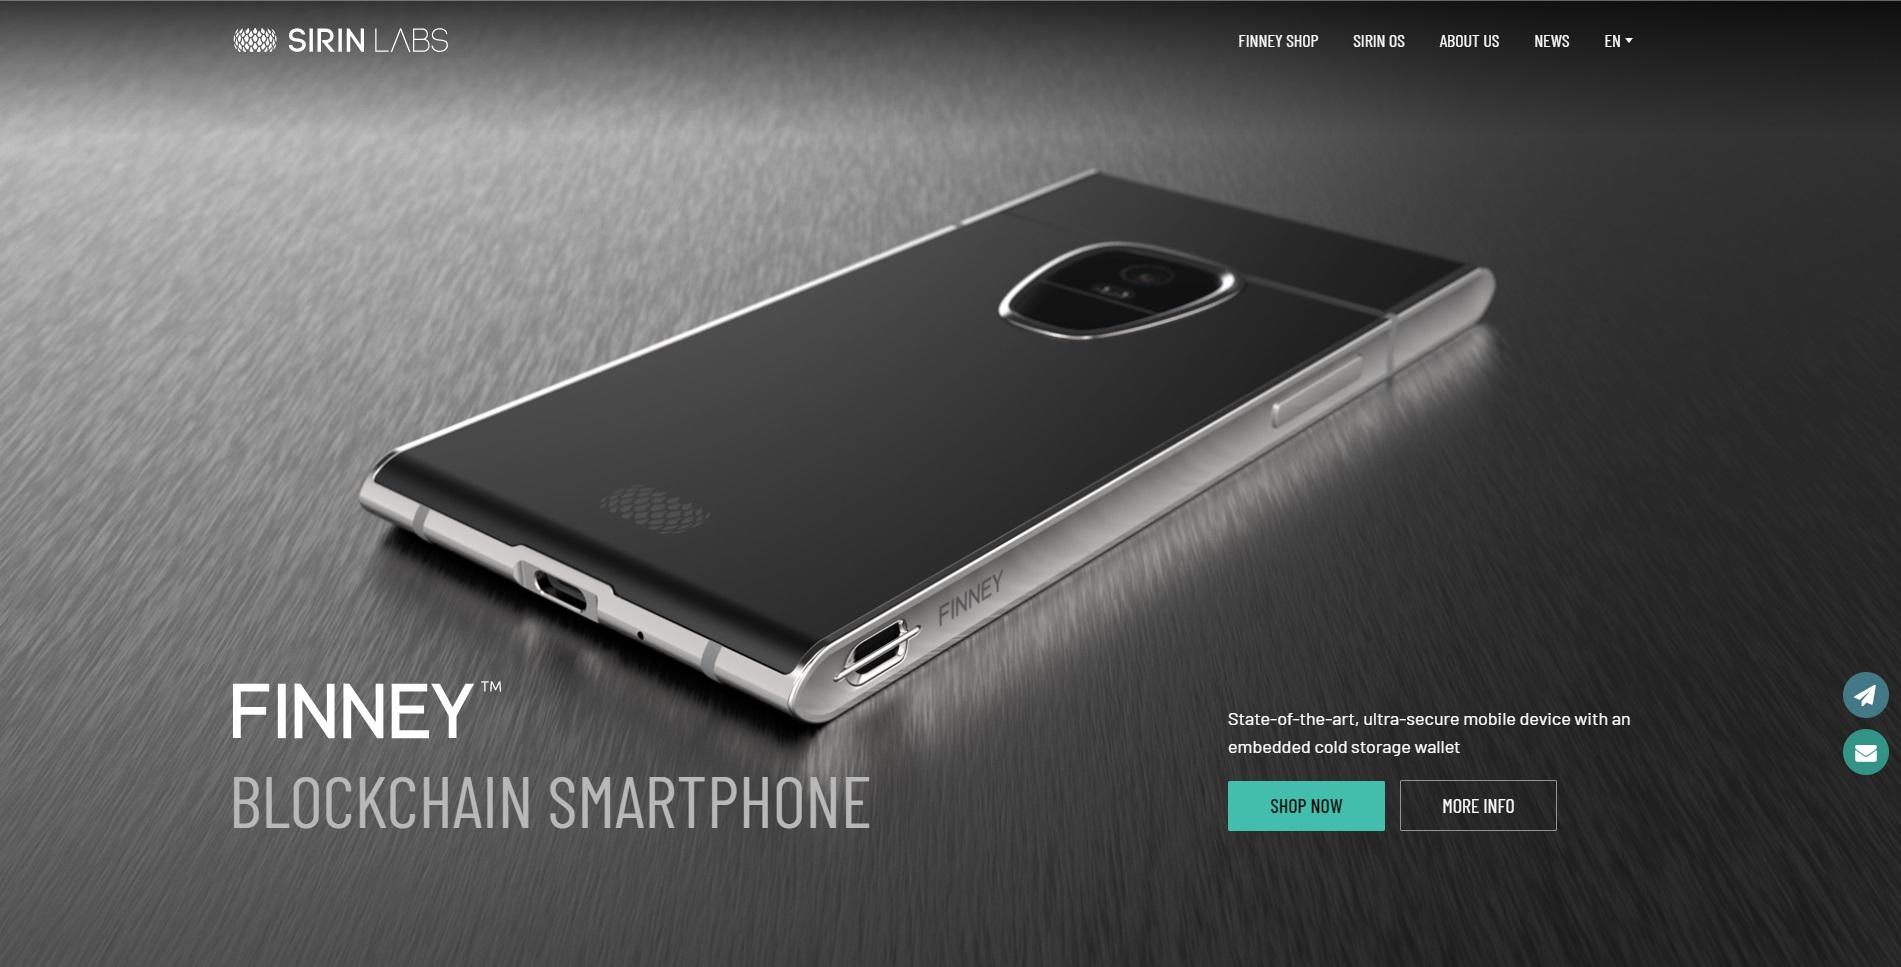 Sirin Labs heeft een prachtige website